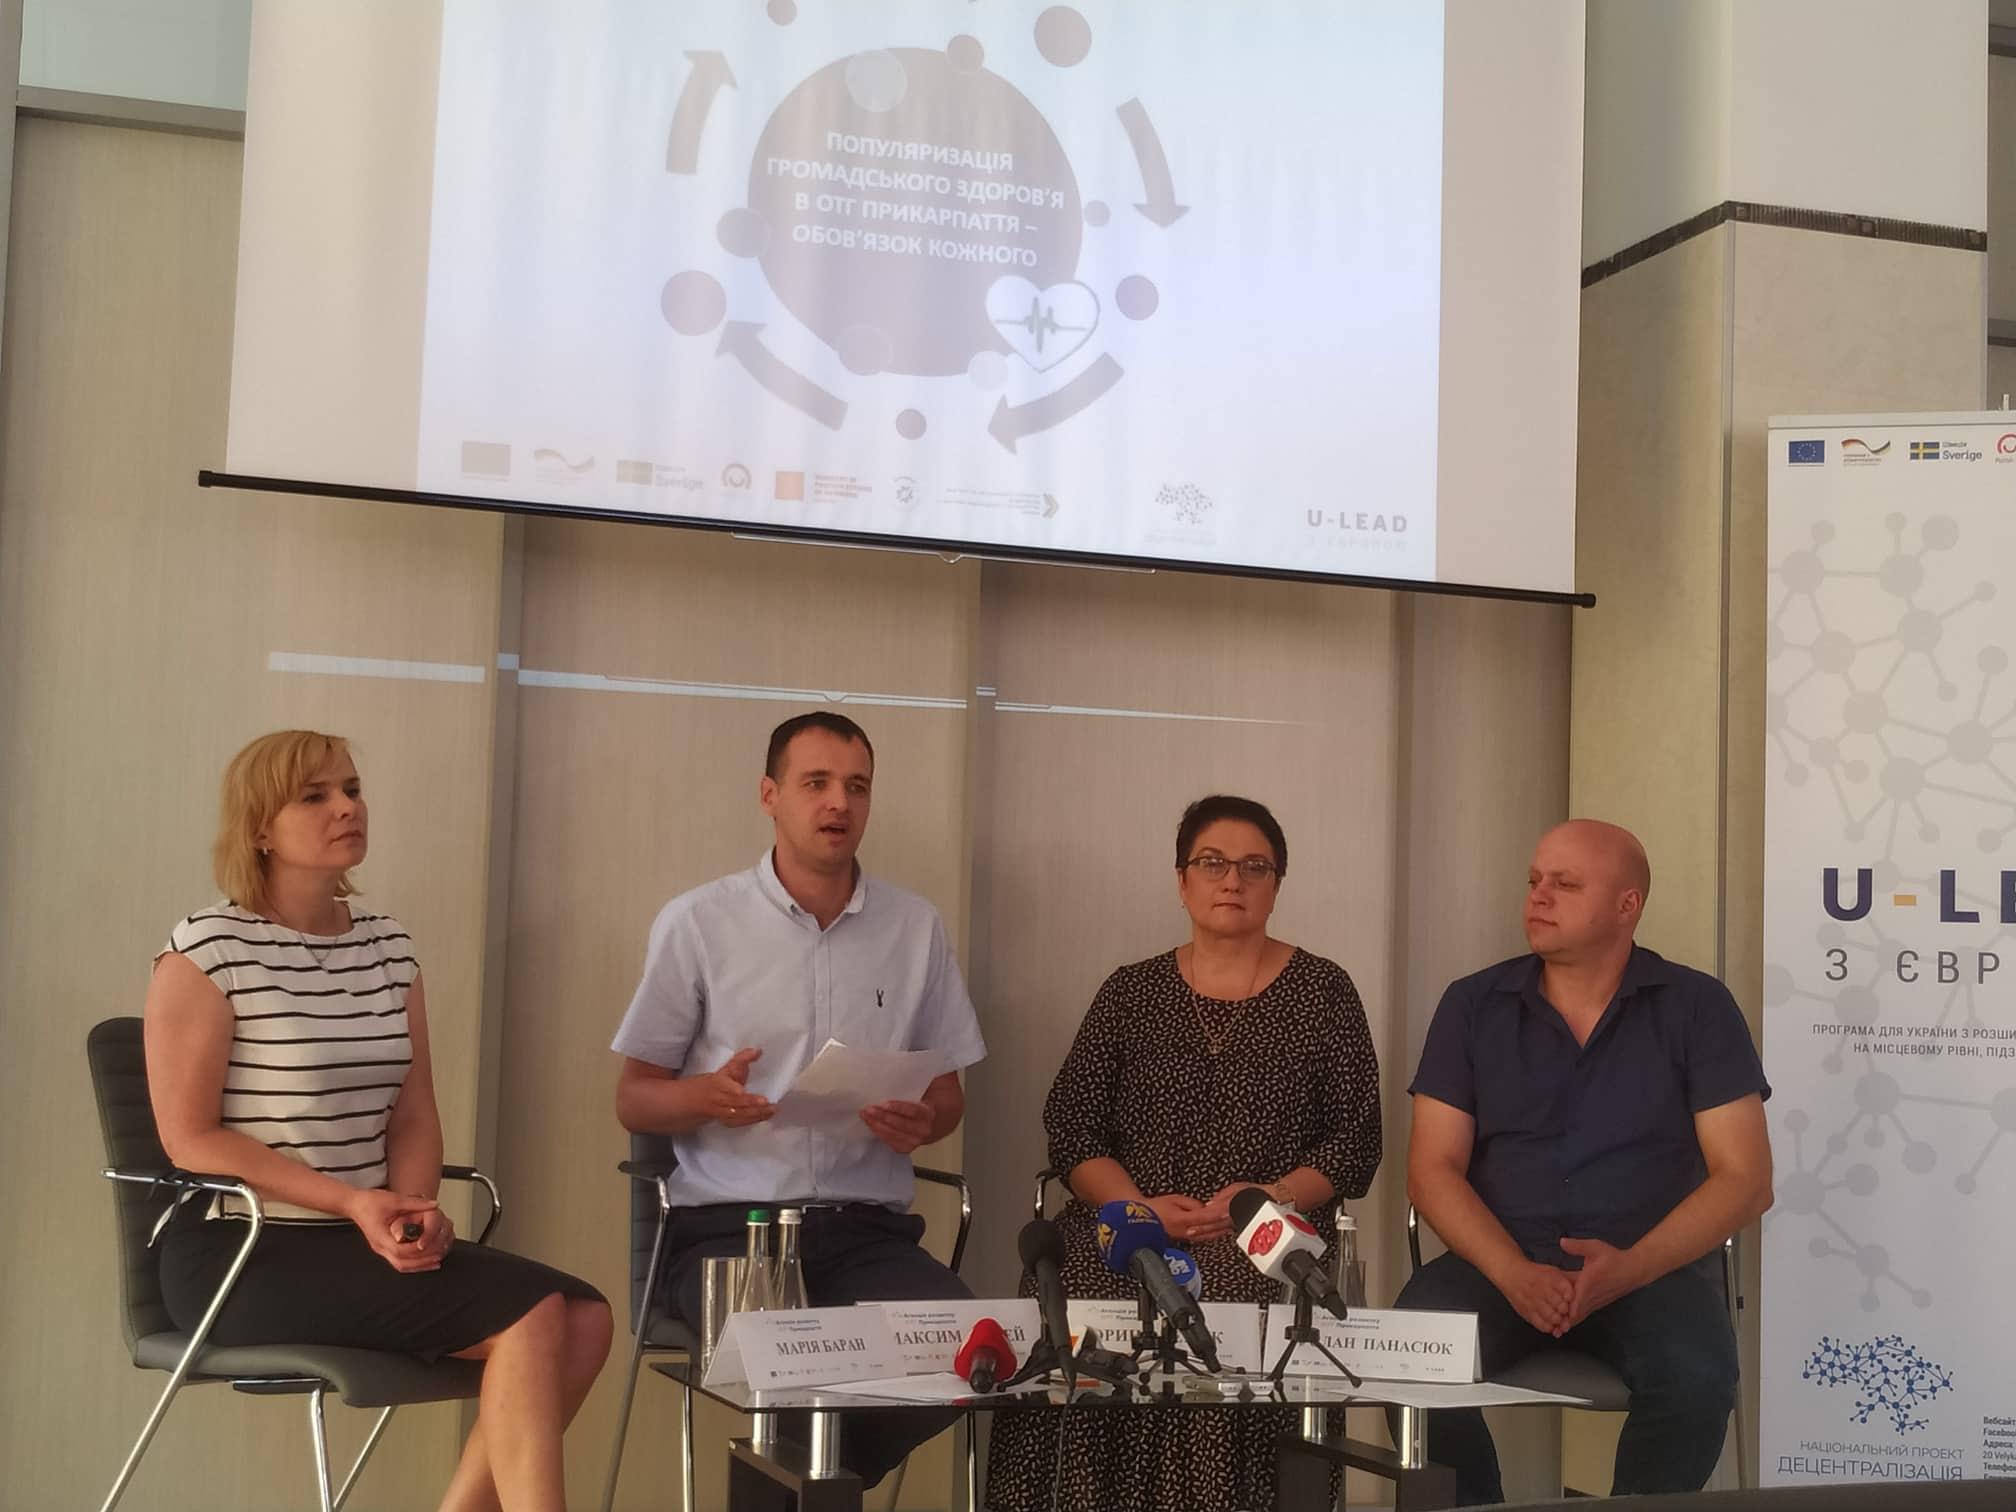 У об'єднаних громадах Прикарпаття популяризуватимуть здоровий спосіб життя (ФОТО)